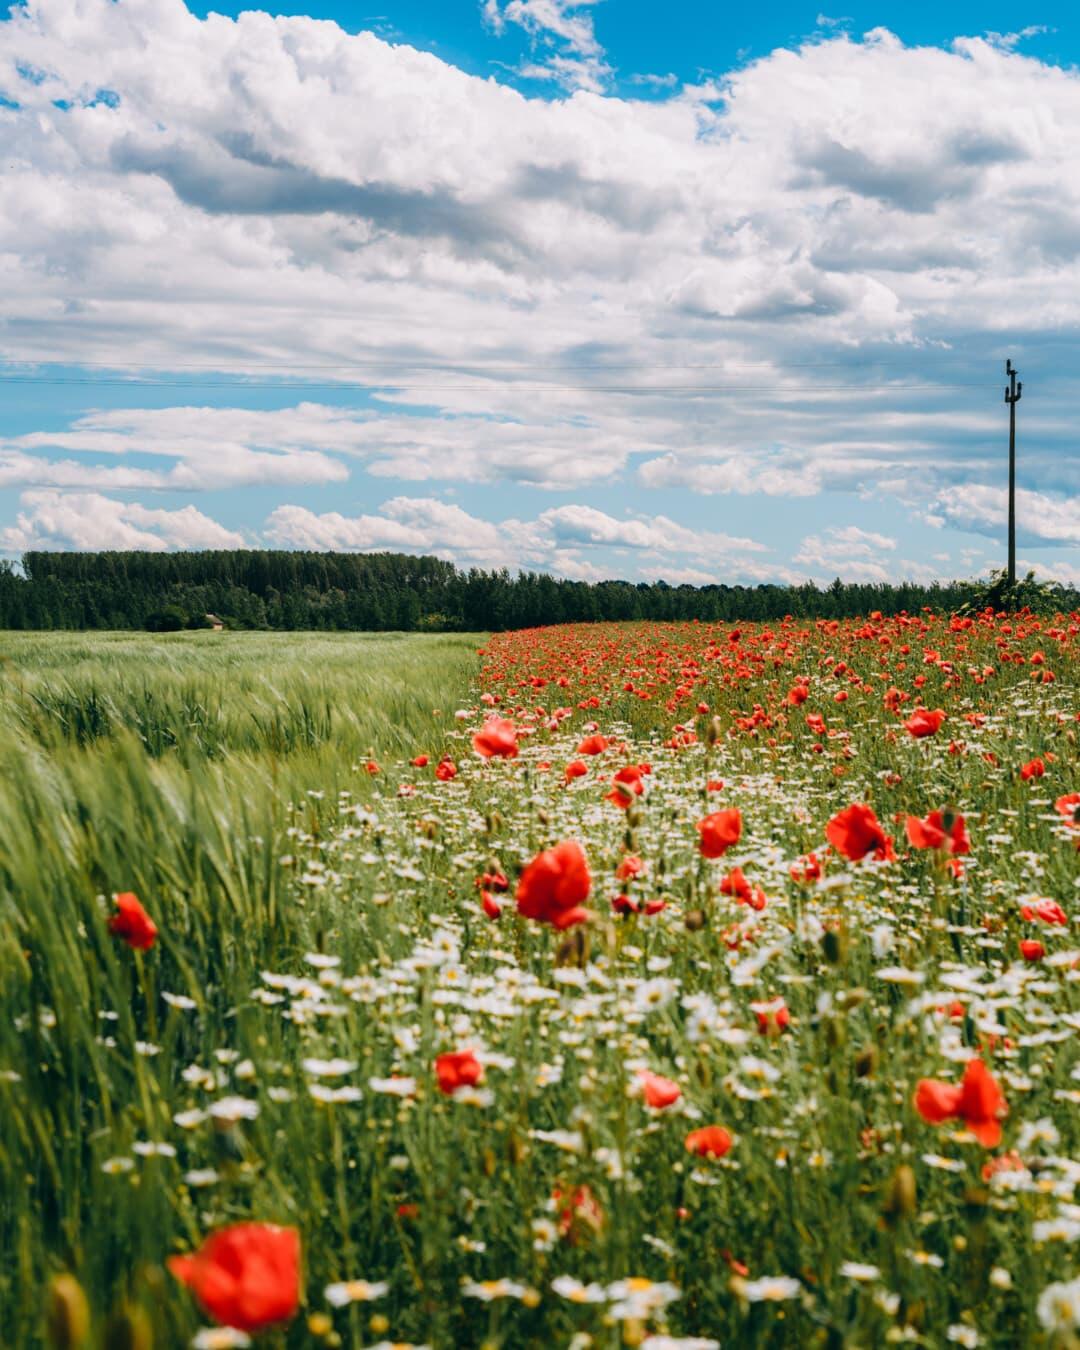 champ de blé, coquelicot, lumière du jour, herbe, rural, prairie, nature, printemps, fleur, été